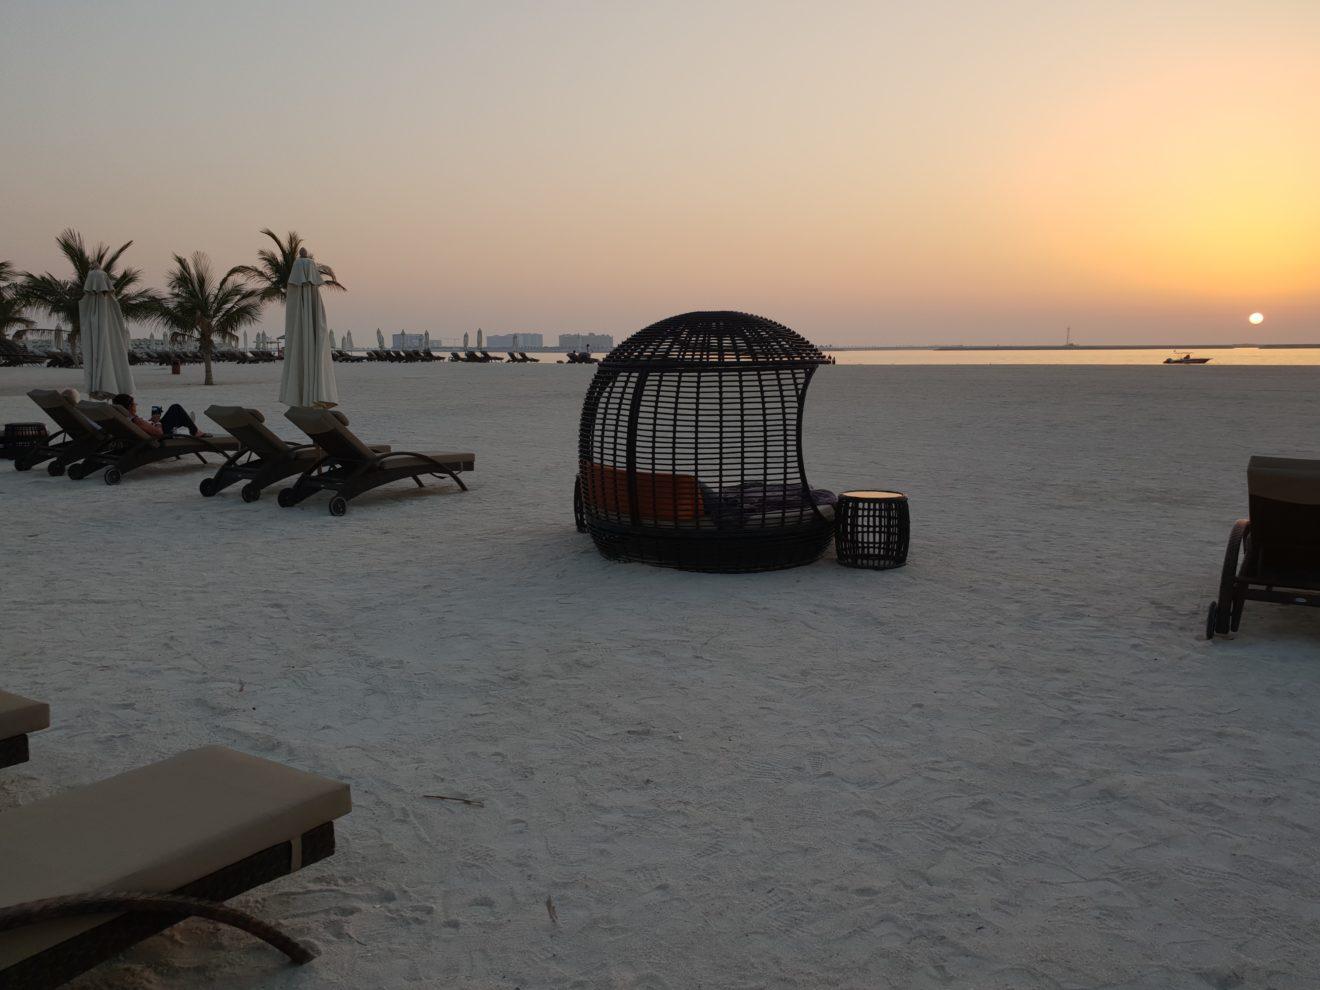 Pour des vacances : Ras al Khaima ou Dubaï ?